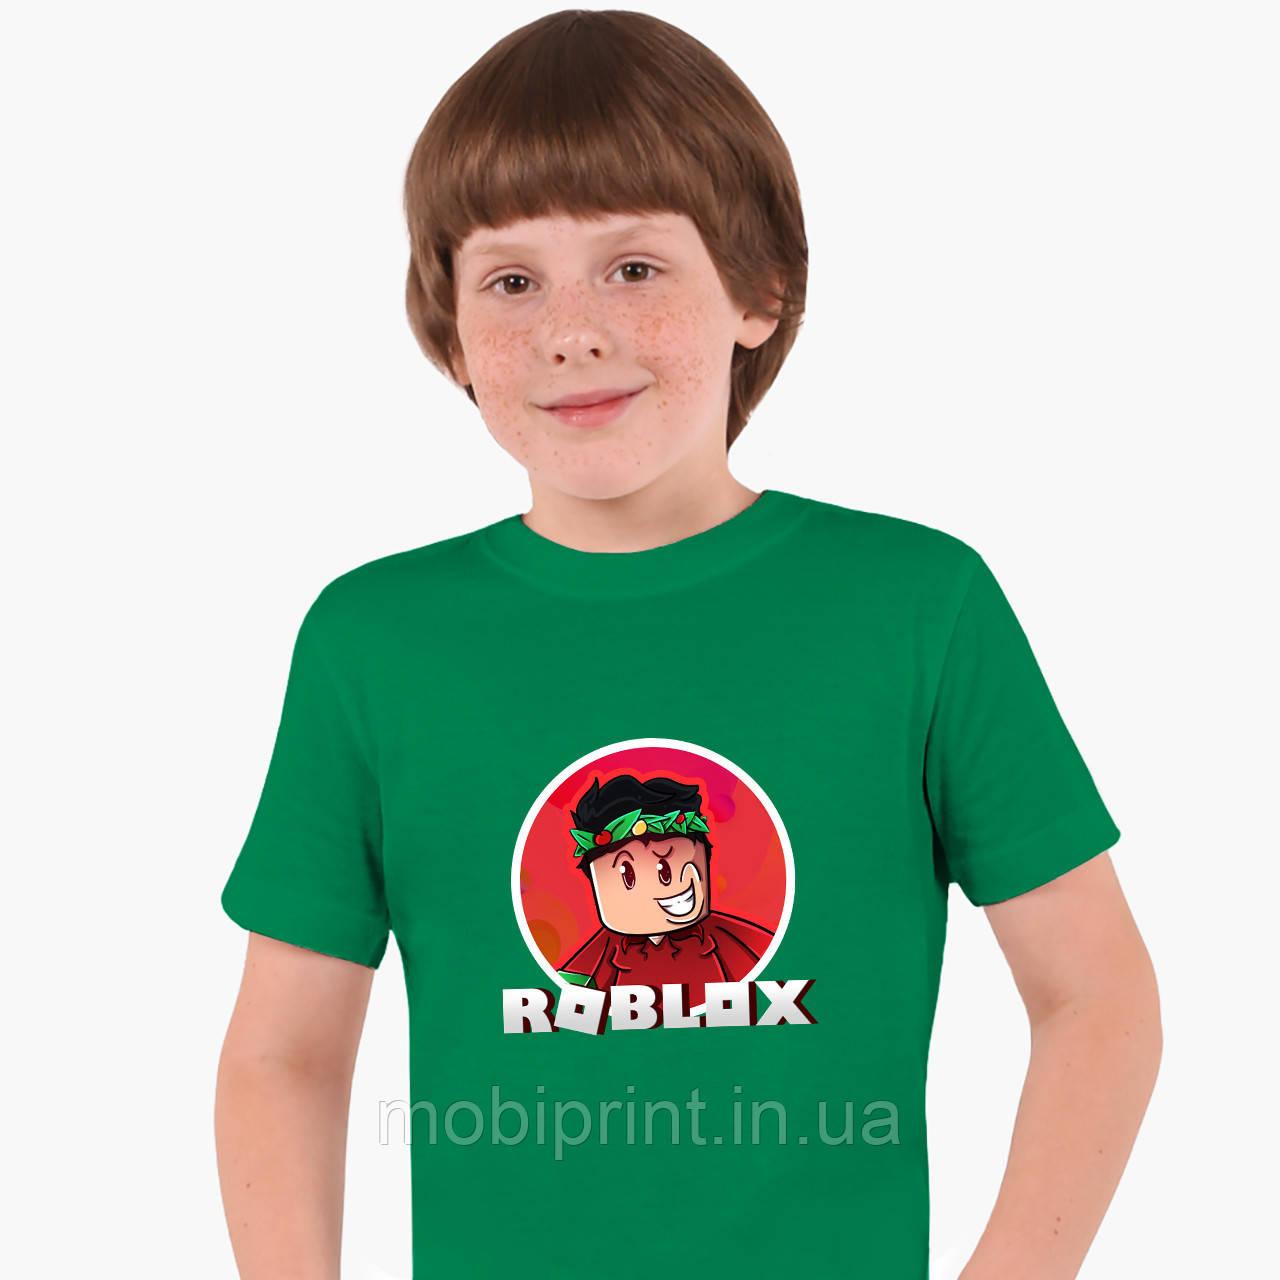 Детская футболка для мальчиков Роблокс (Roblox) (25186-1225) Зеленый